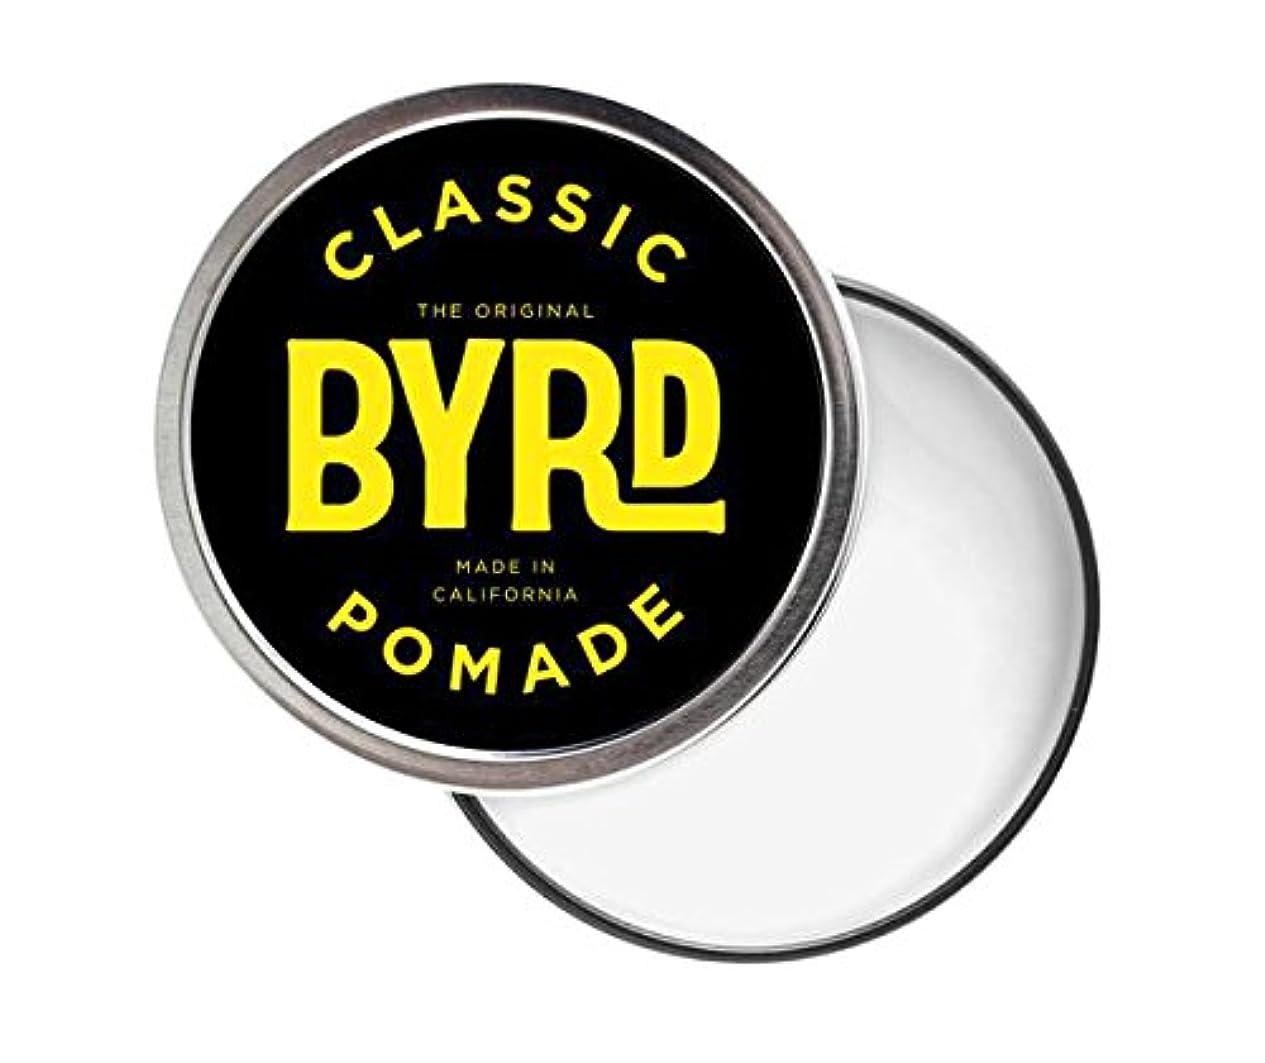 実現可能機転絡み合いBYRD(バード) クラシックポマード 42g